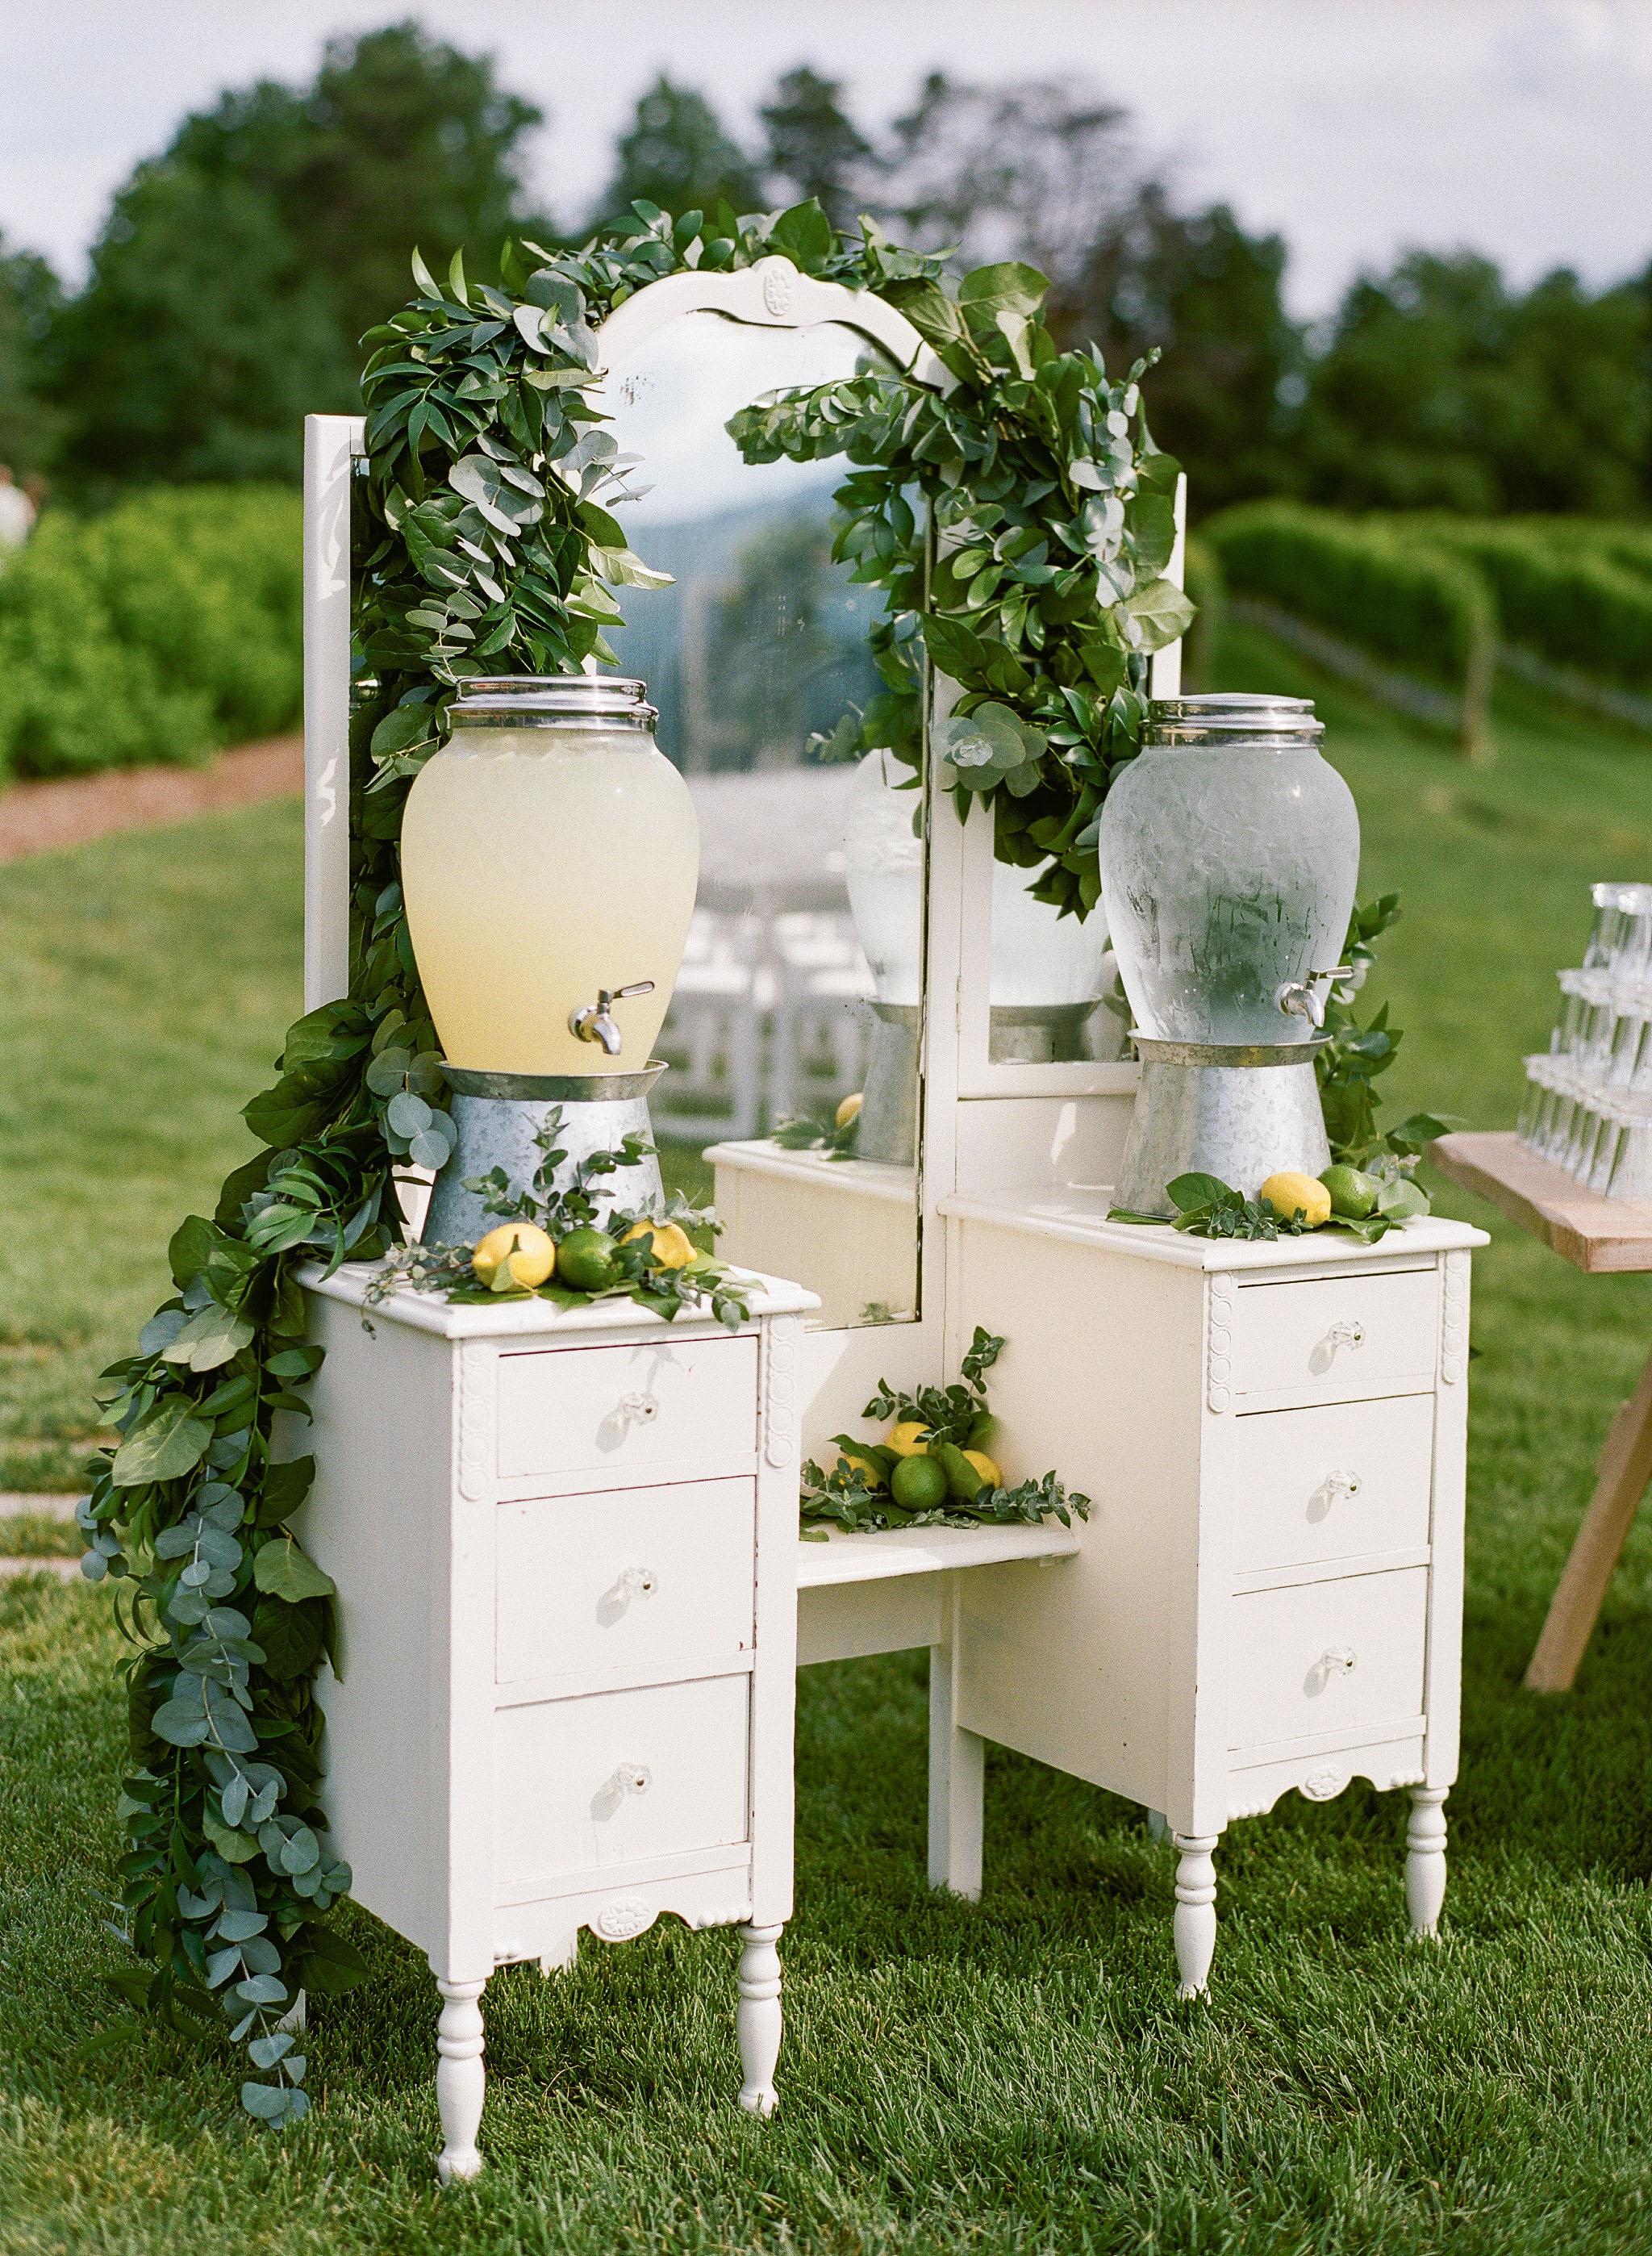 hydration stations vintage dresser